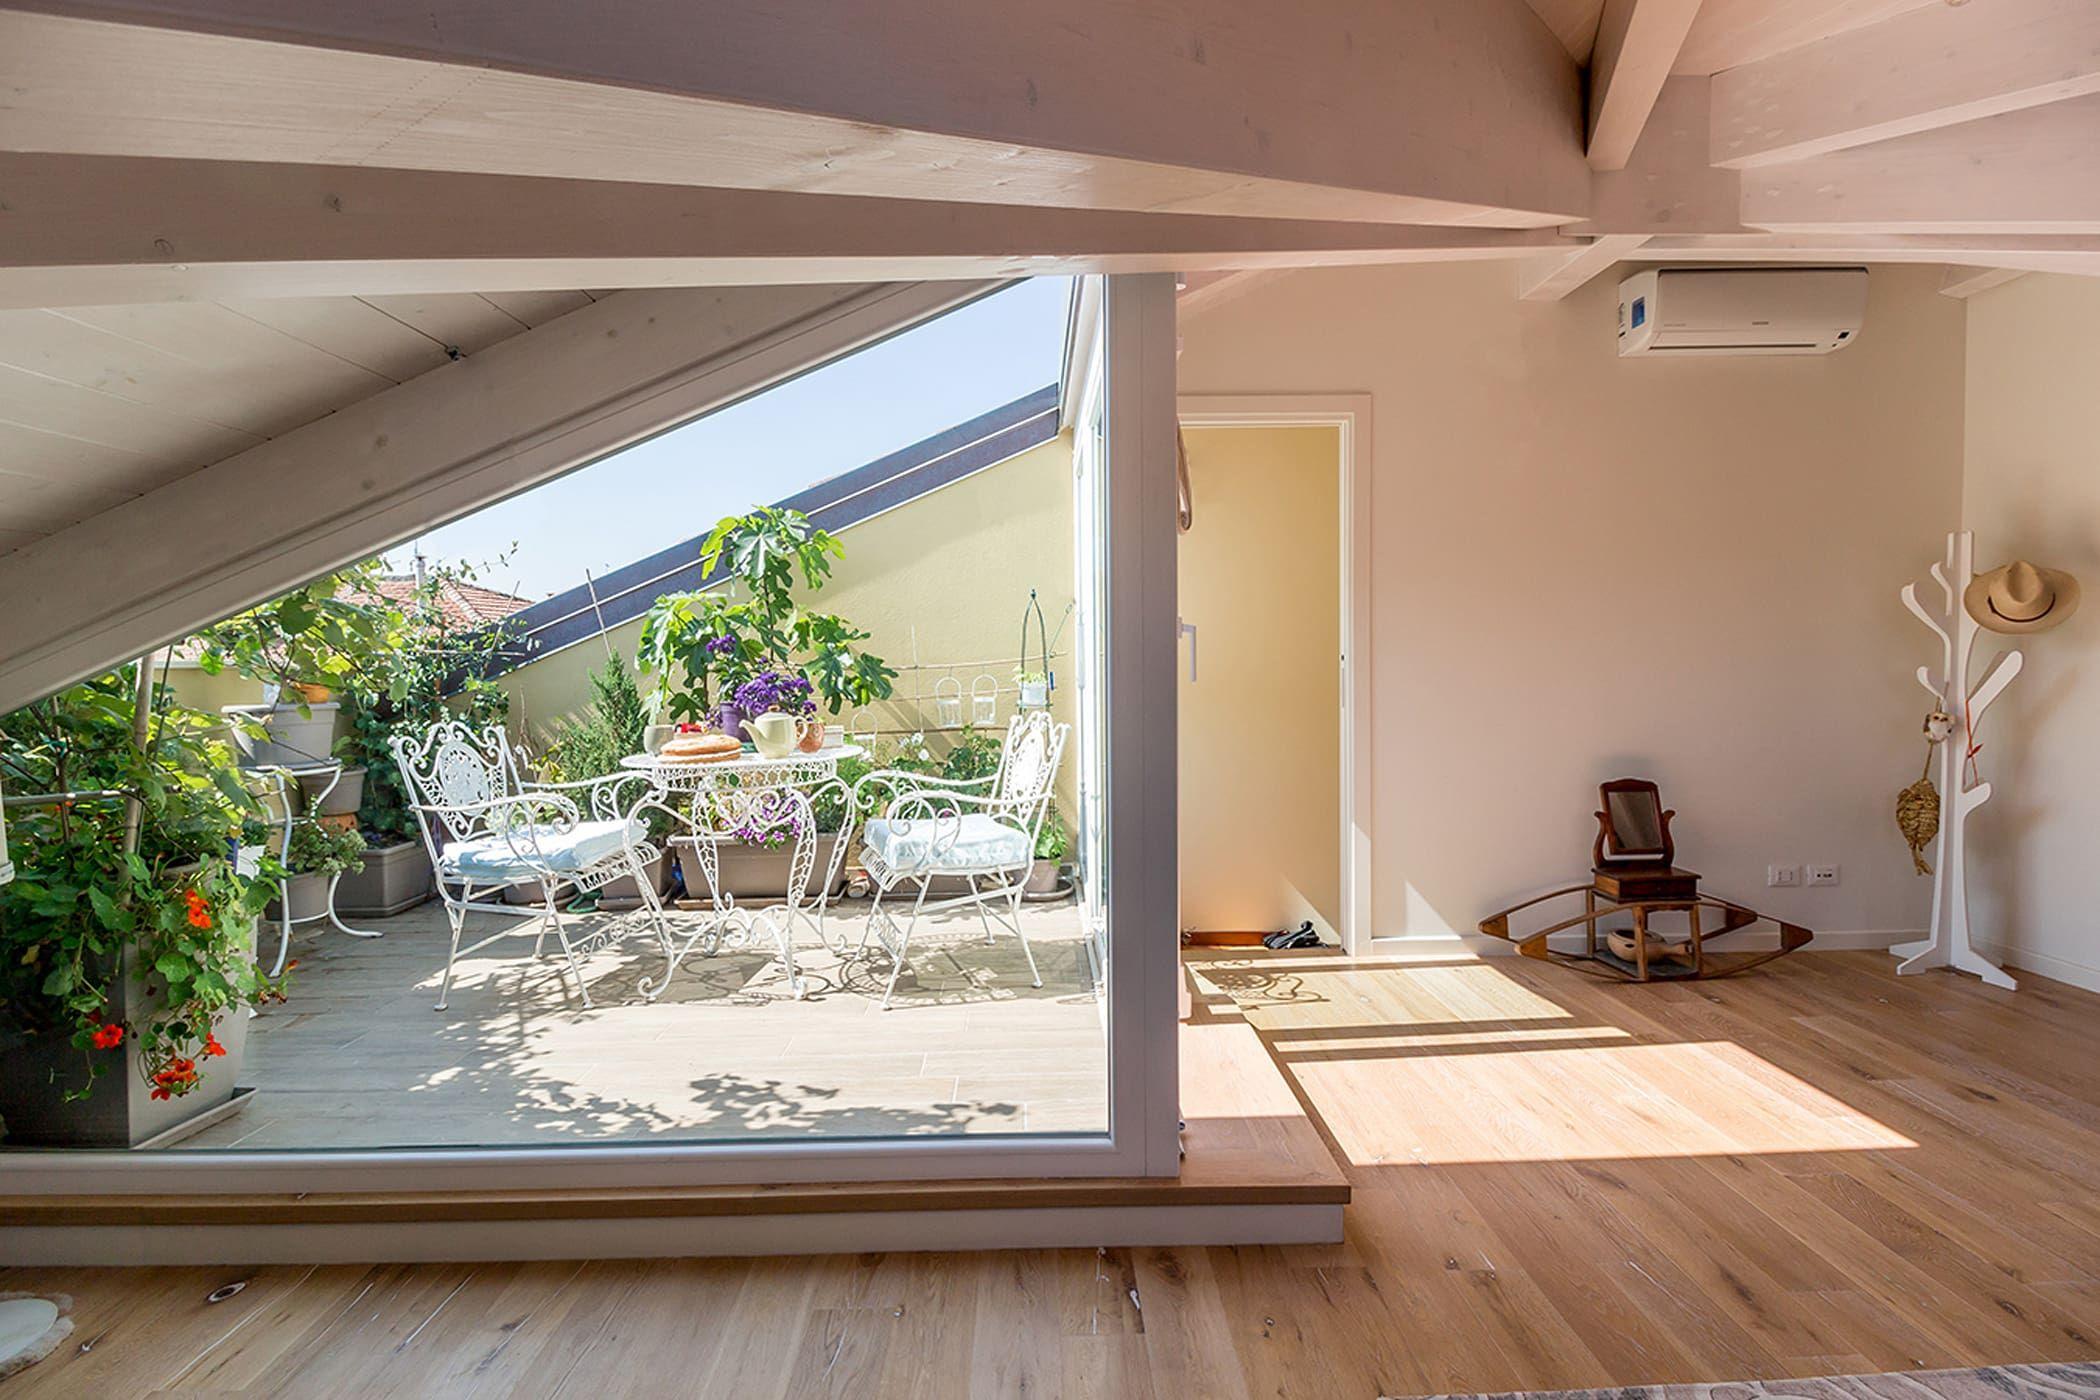 Come Ristrutturare Una Mansarda parete vetrata in mansarda di bartolucci architetti moderno